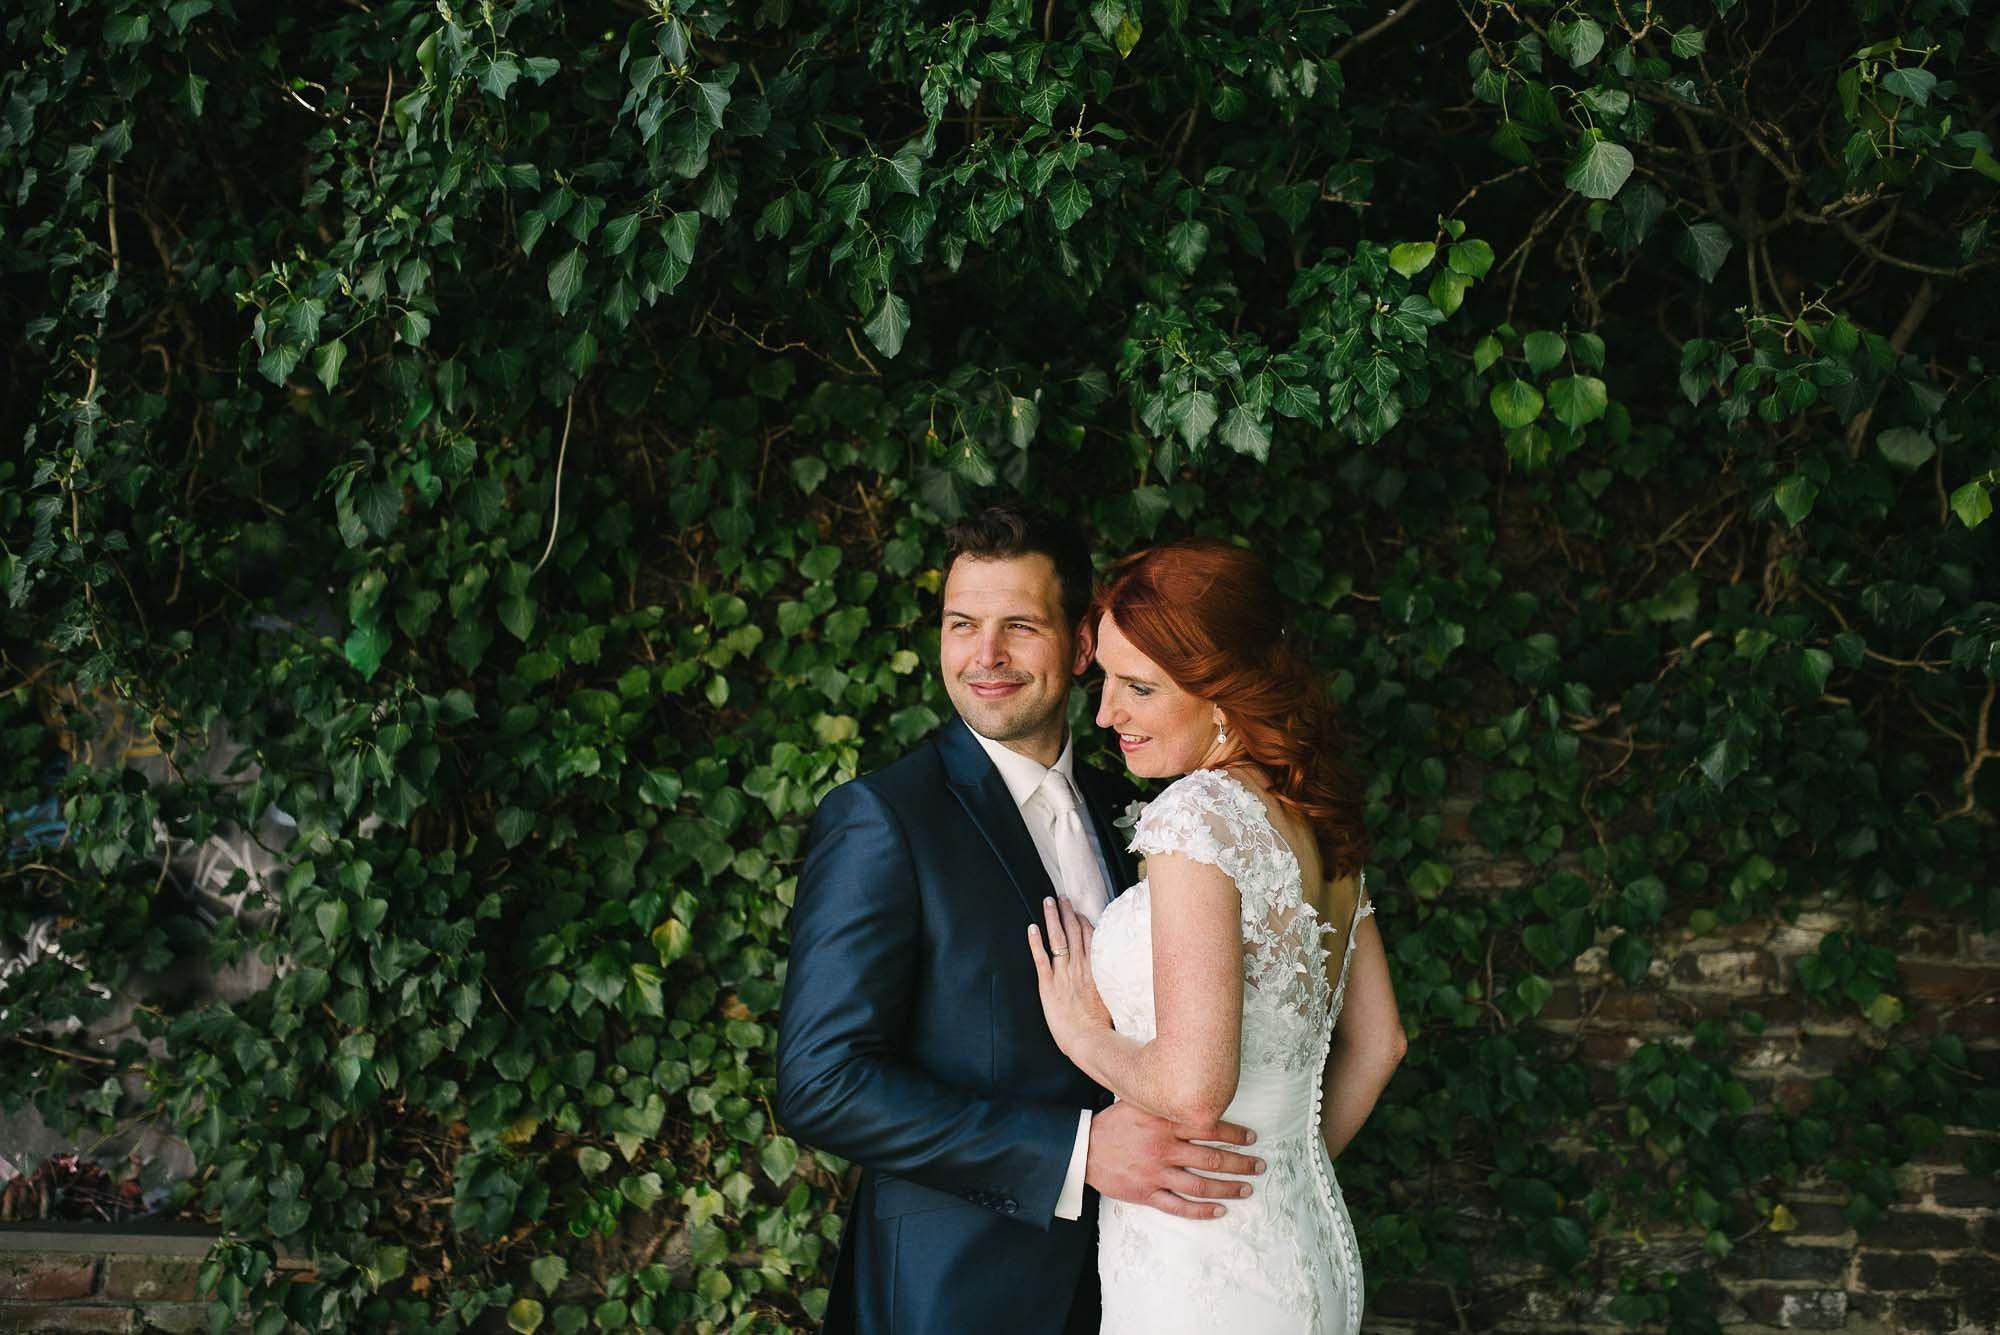 Bruidsfotograaf-Sittard-journalistieke-bruidsfotografie-064.jpg